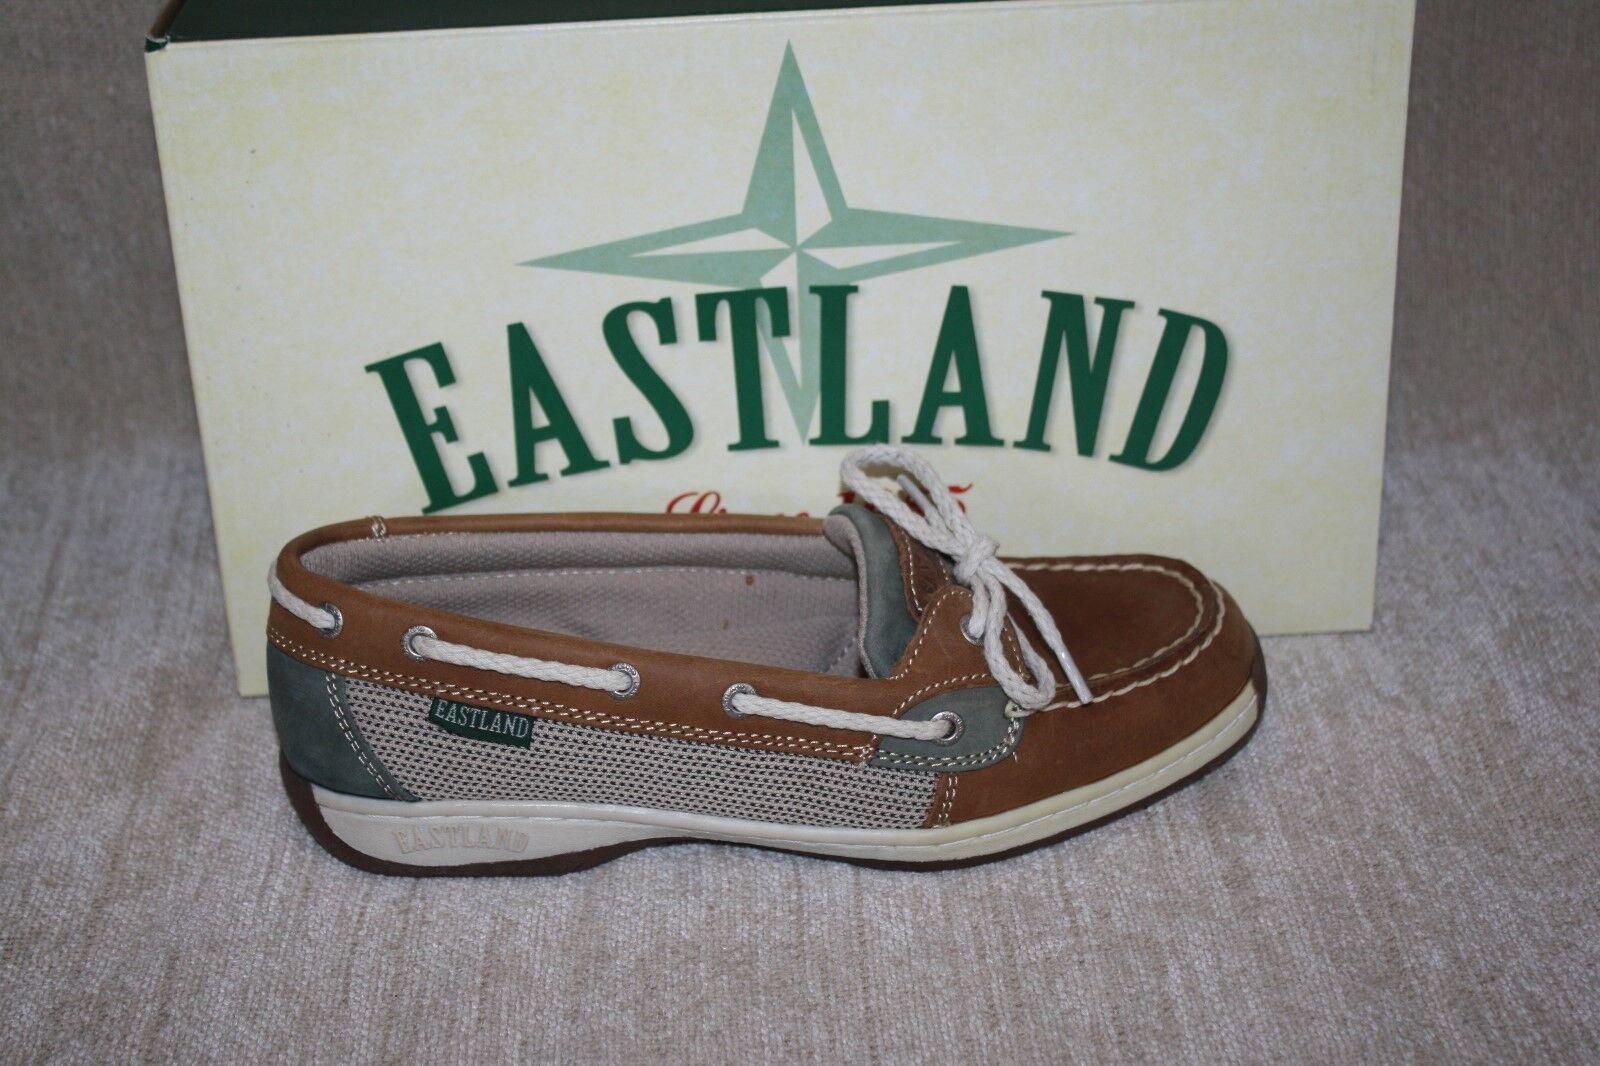 Para Para Para Mujeres Zapatos Náuticos Eastland OSCURO AMANECER-ver Medidas (B143)  orden ahora disfrutar de gran descuento